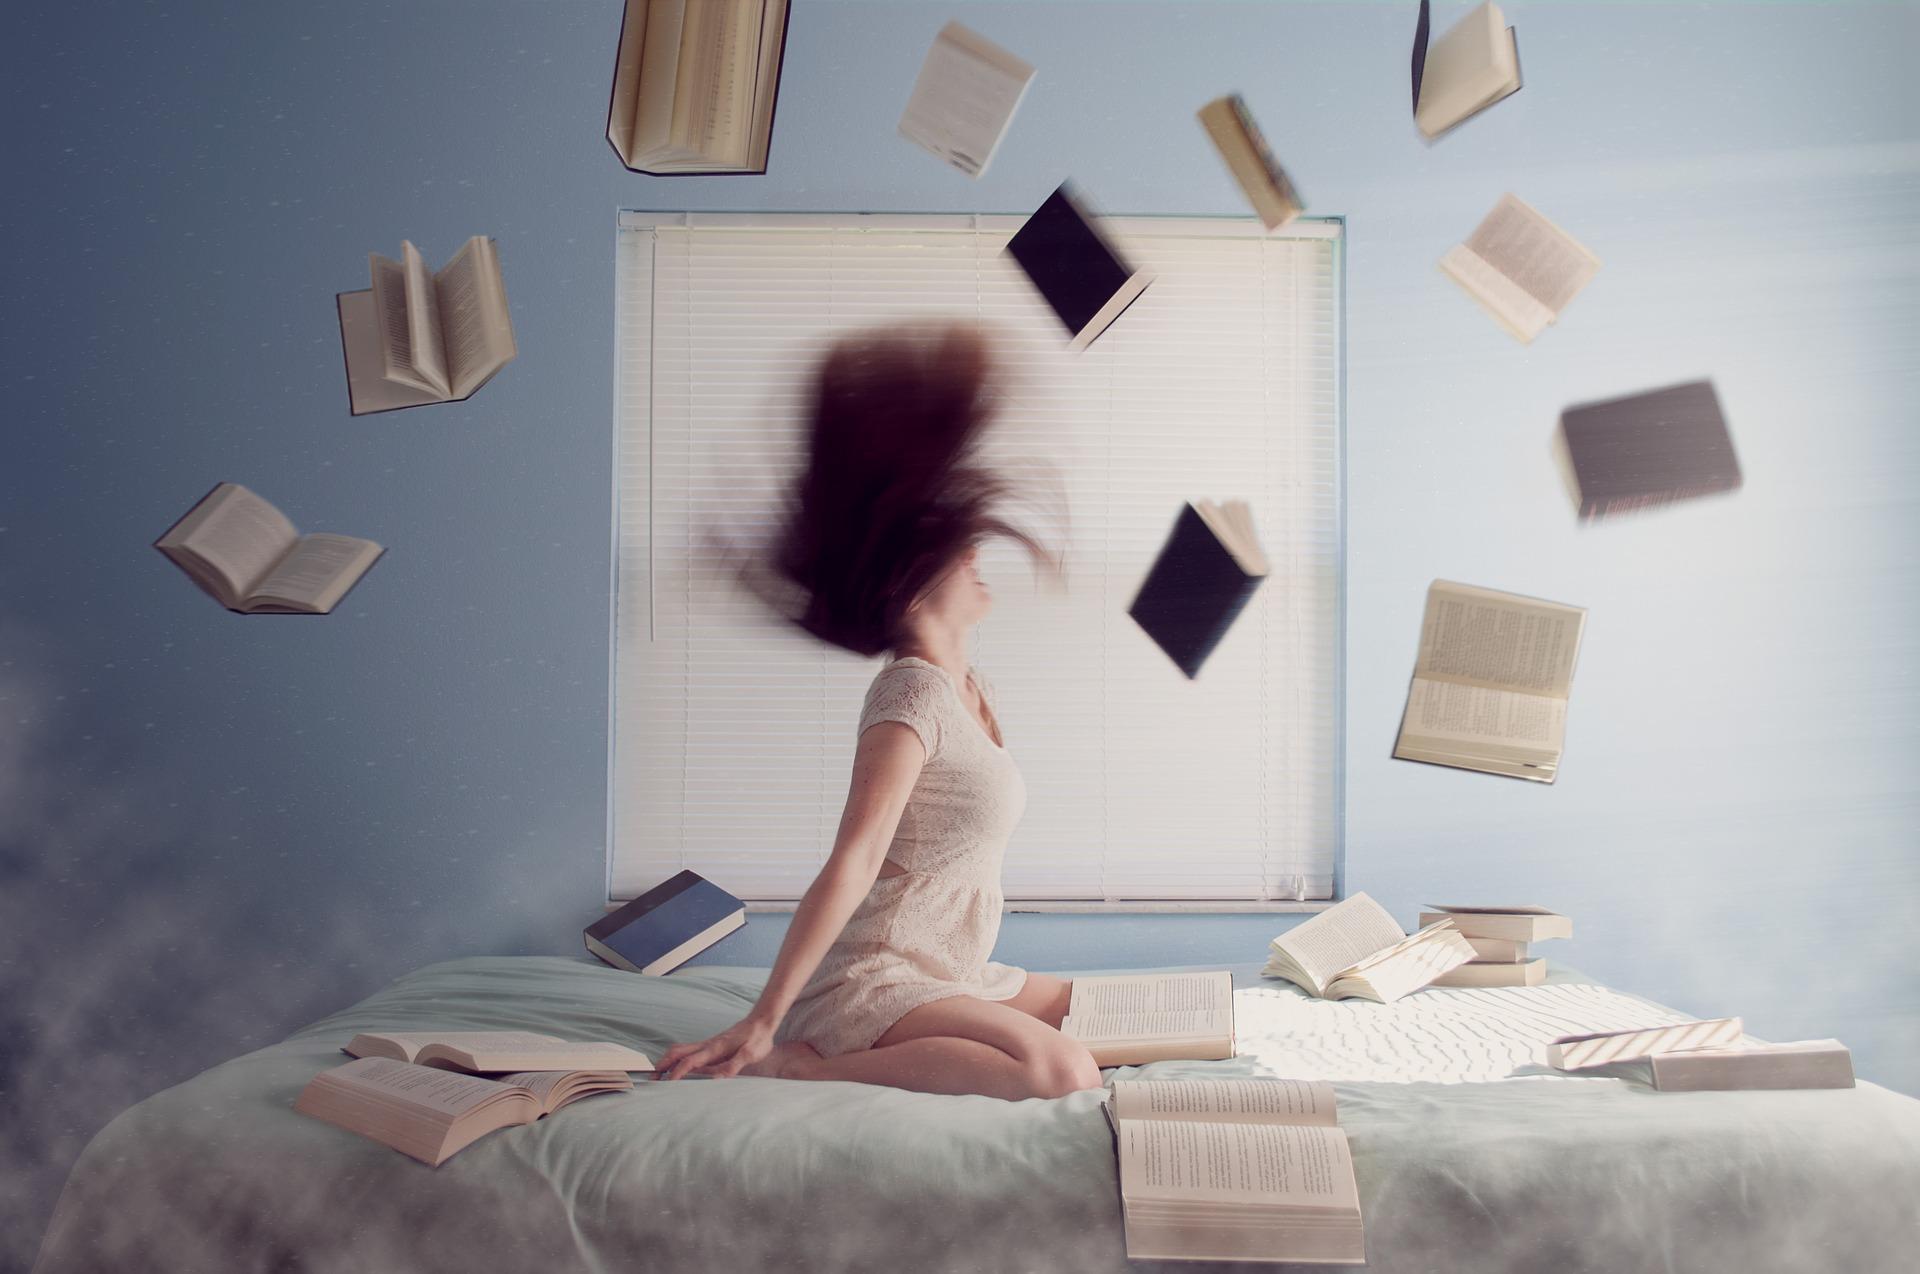 ベッドに座り本を散らばして荒ぶる女性の画像